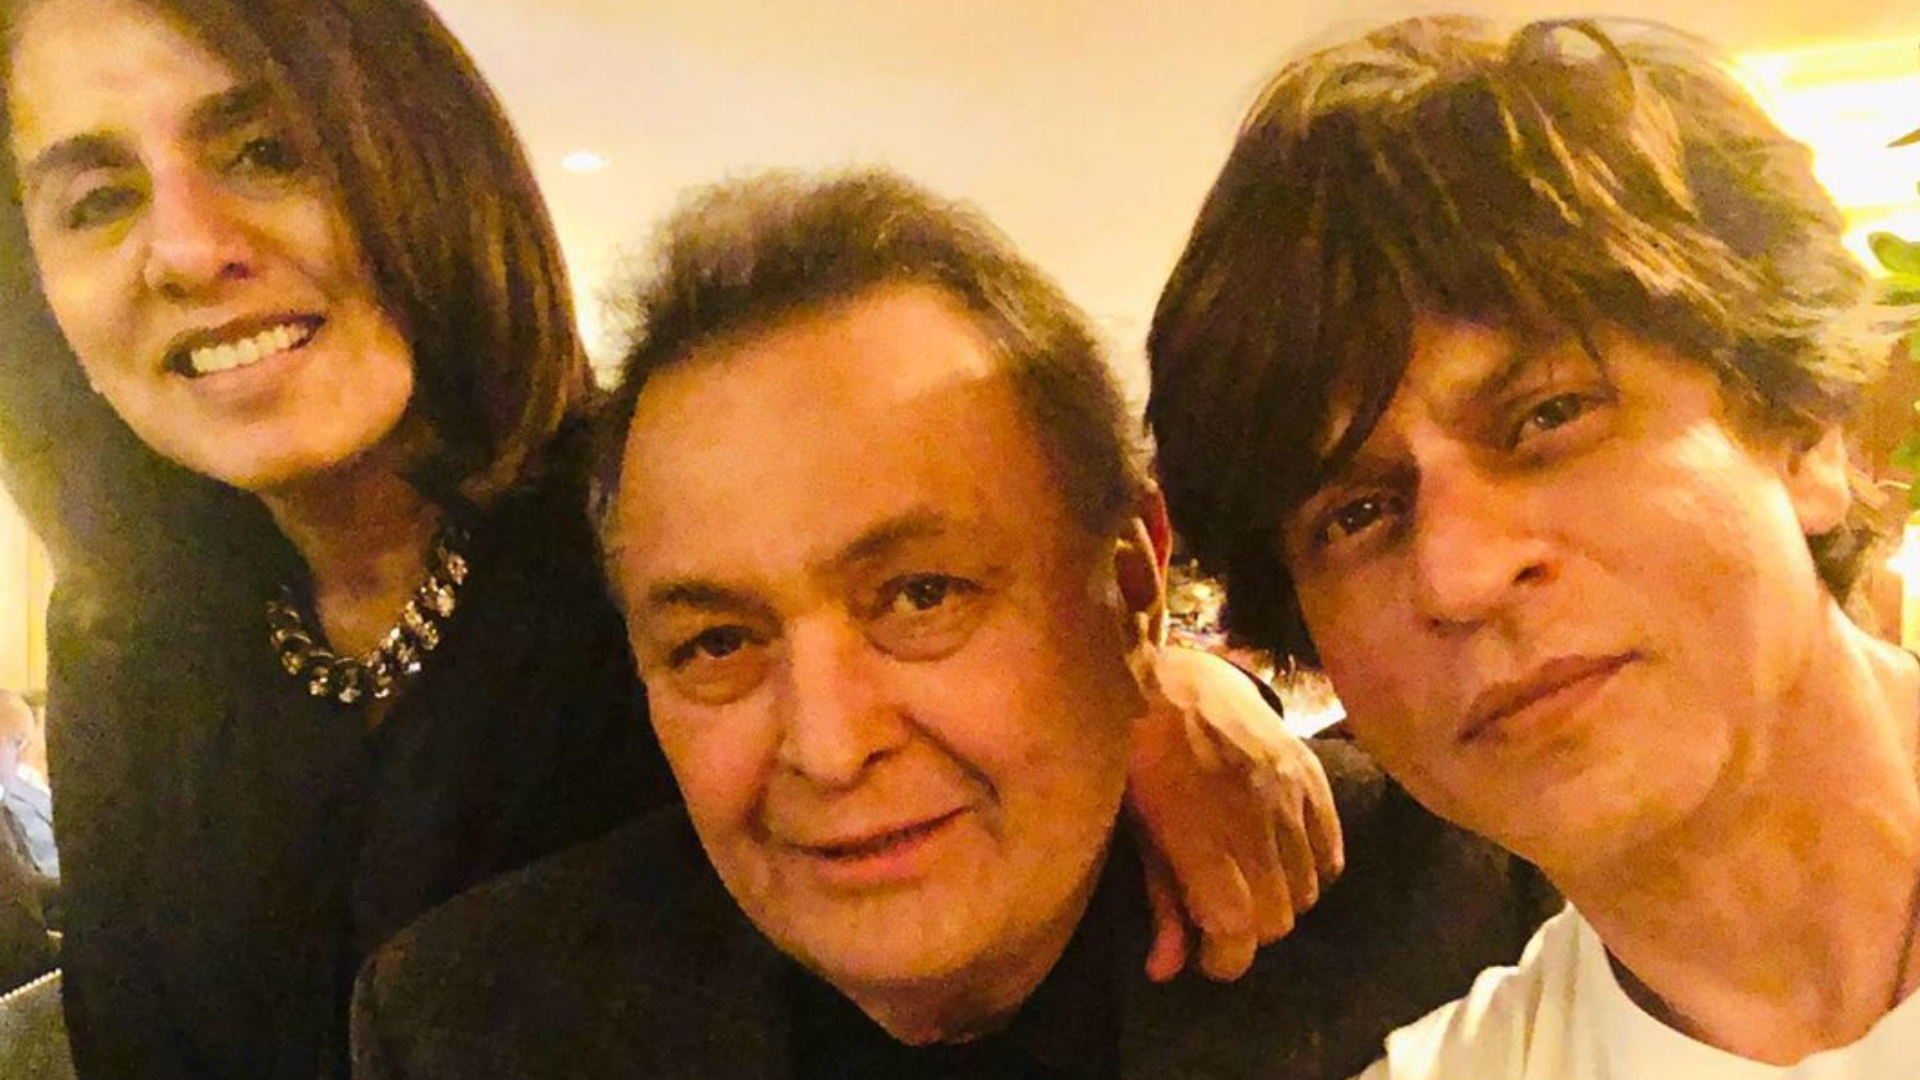 ऋषि कपूर से न्यूयॉर्क मिलने पहुंचे शाहरुख खान, 27 साल बाद दिखी दोनों सितारों की ऐसी जुगलबंदी